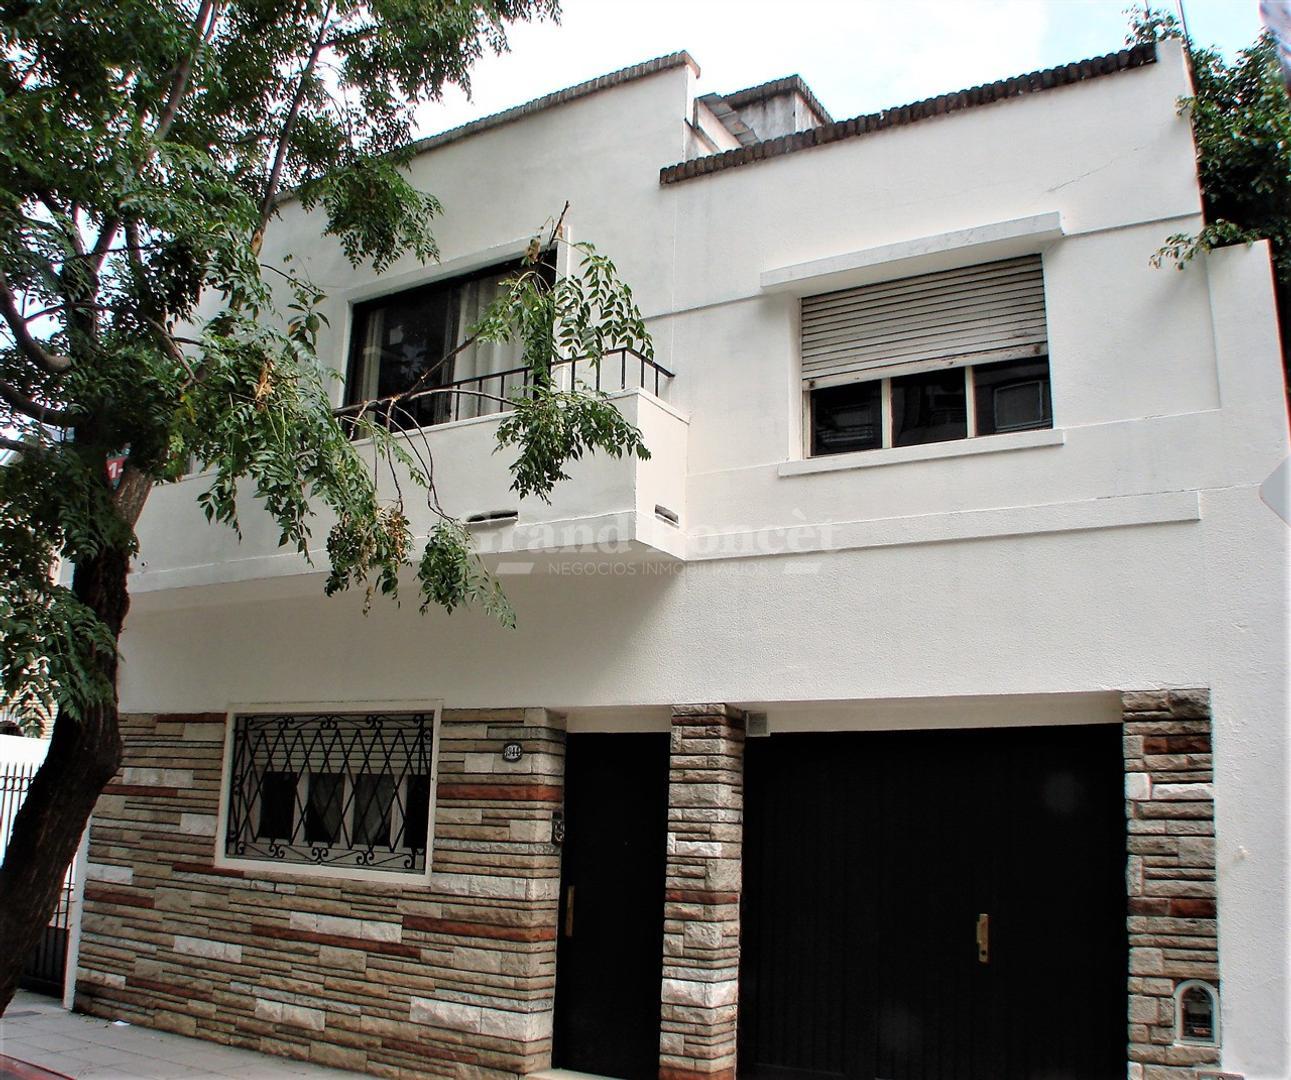 Casa en Venta en Villa Urquiza - 7 ambientes